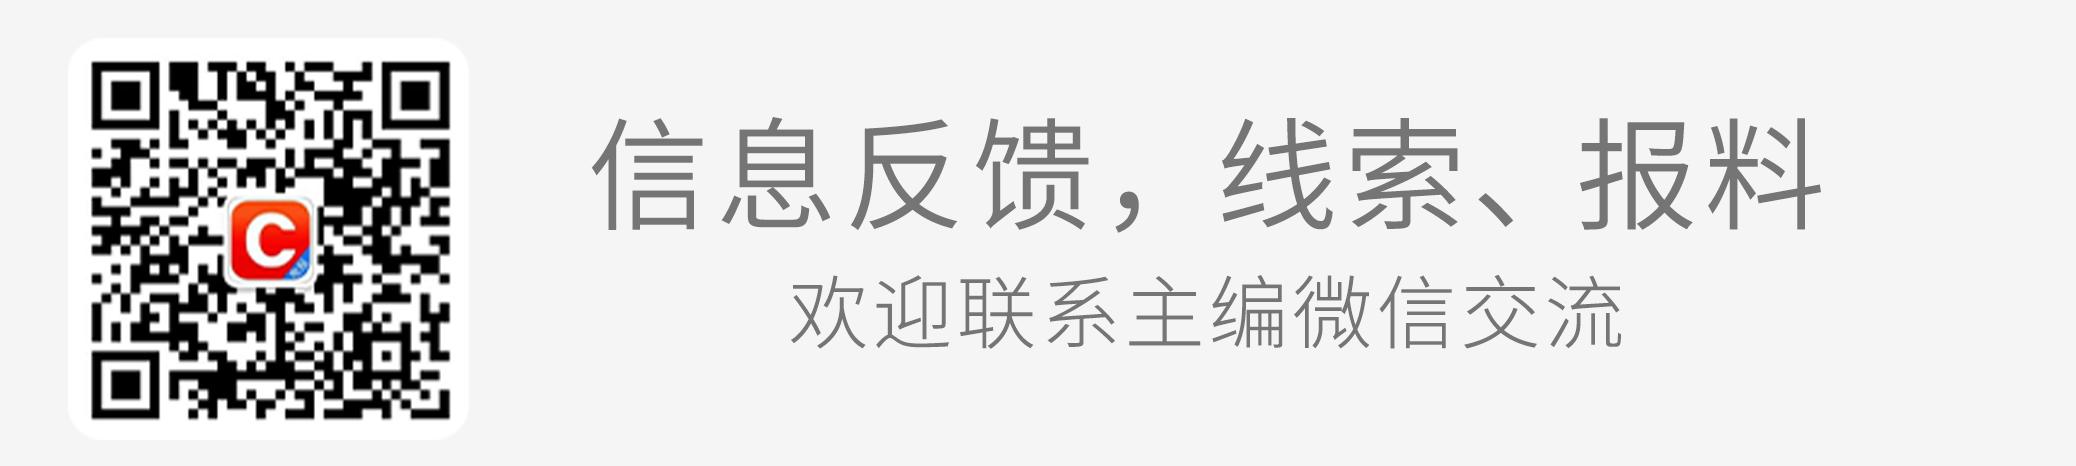 财联社保险早会(7月10日)